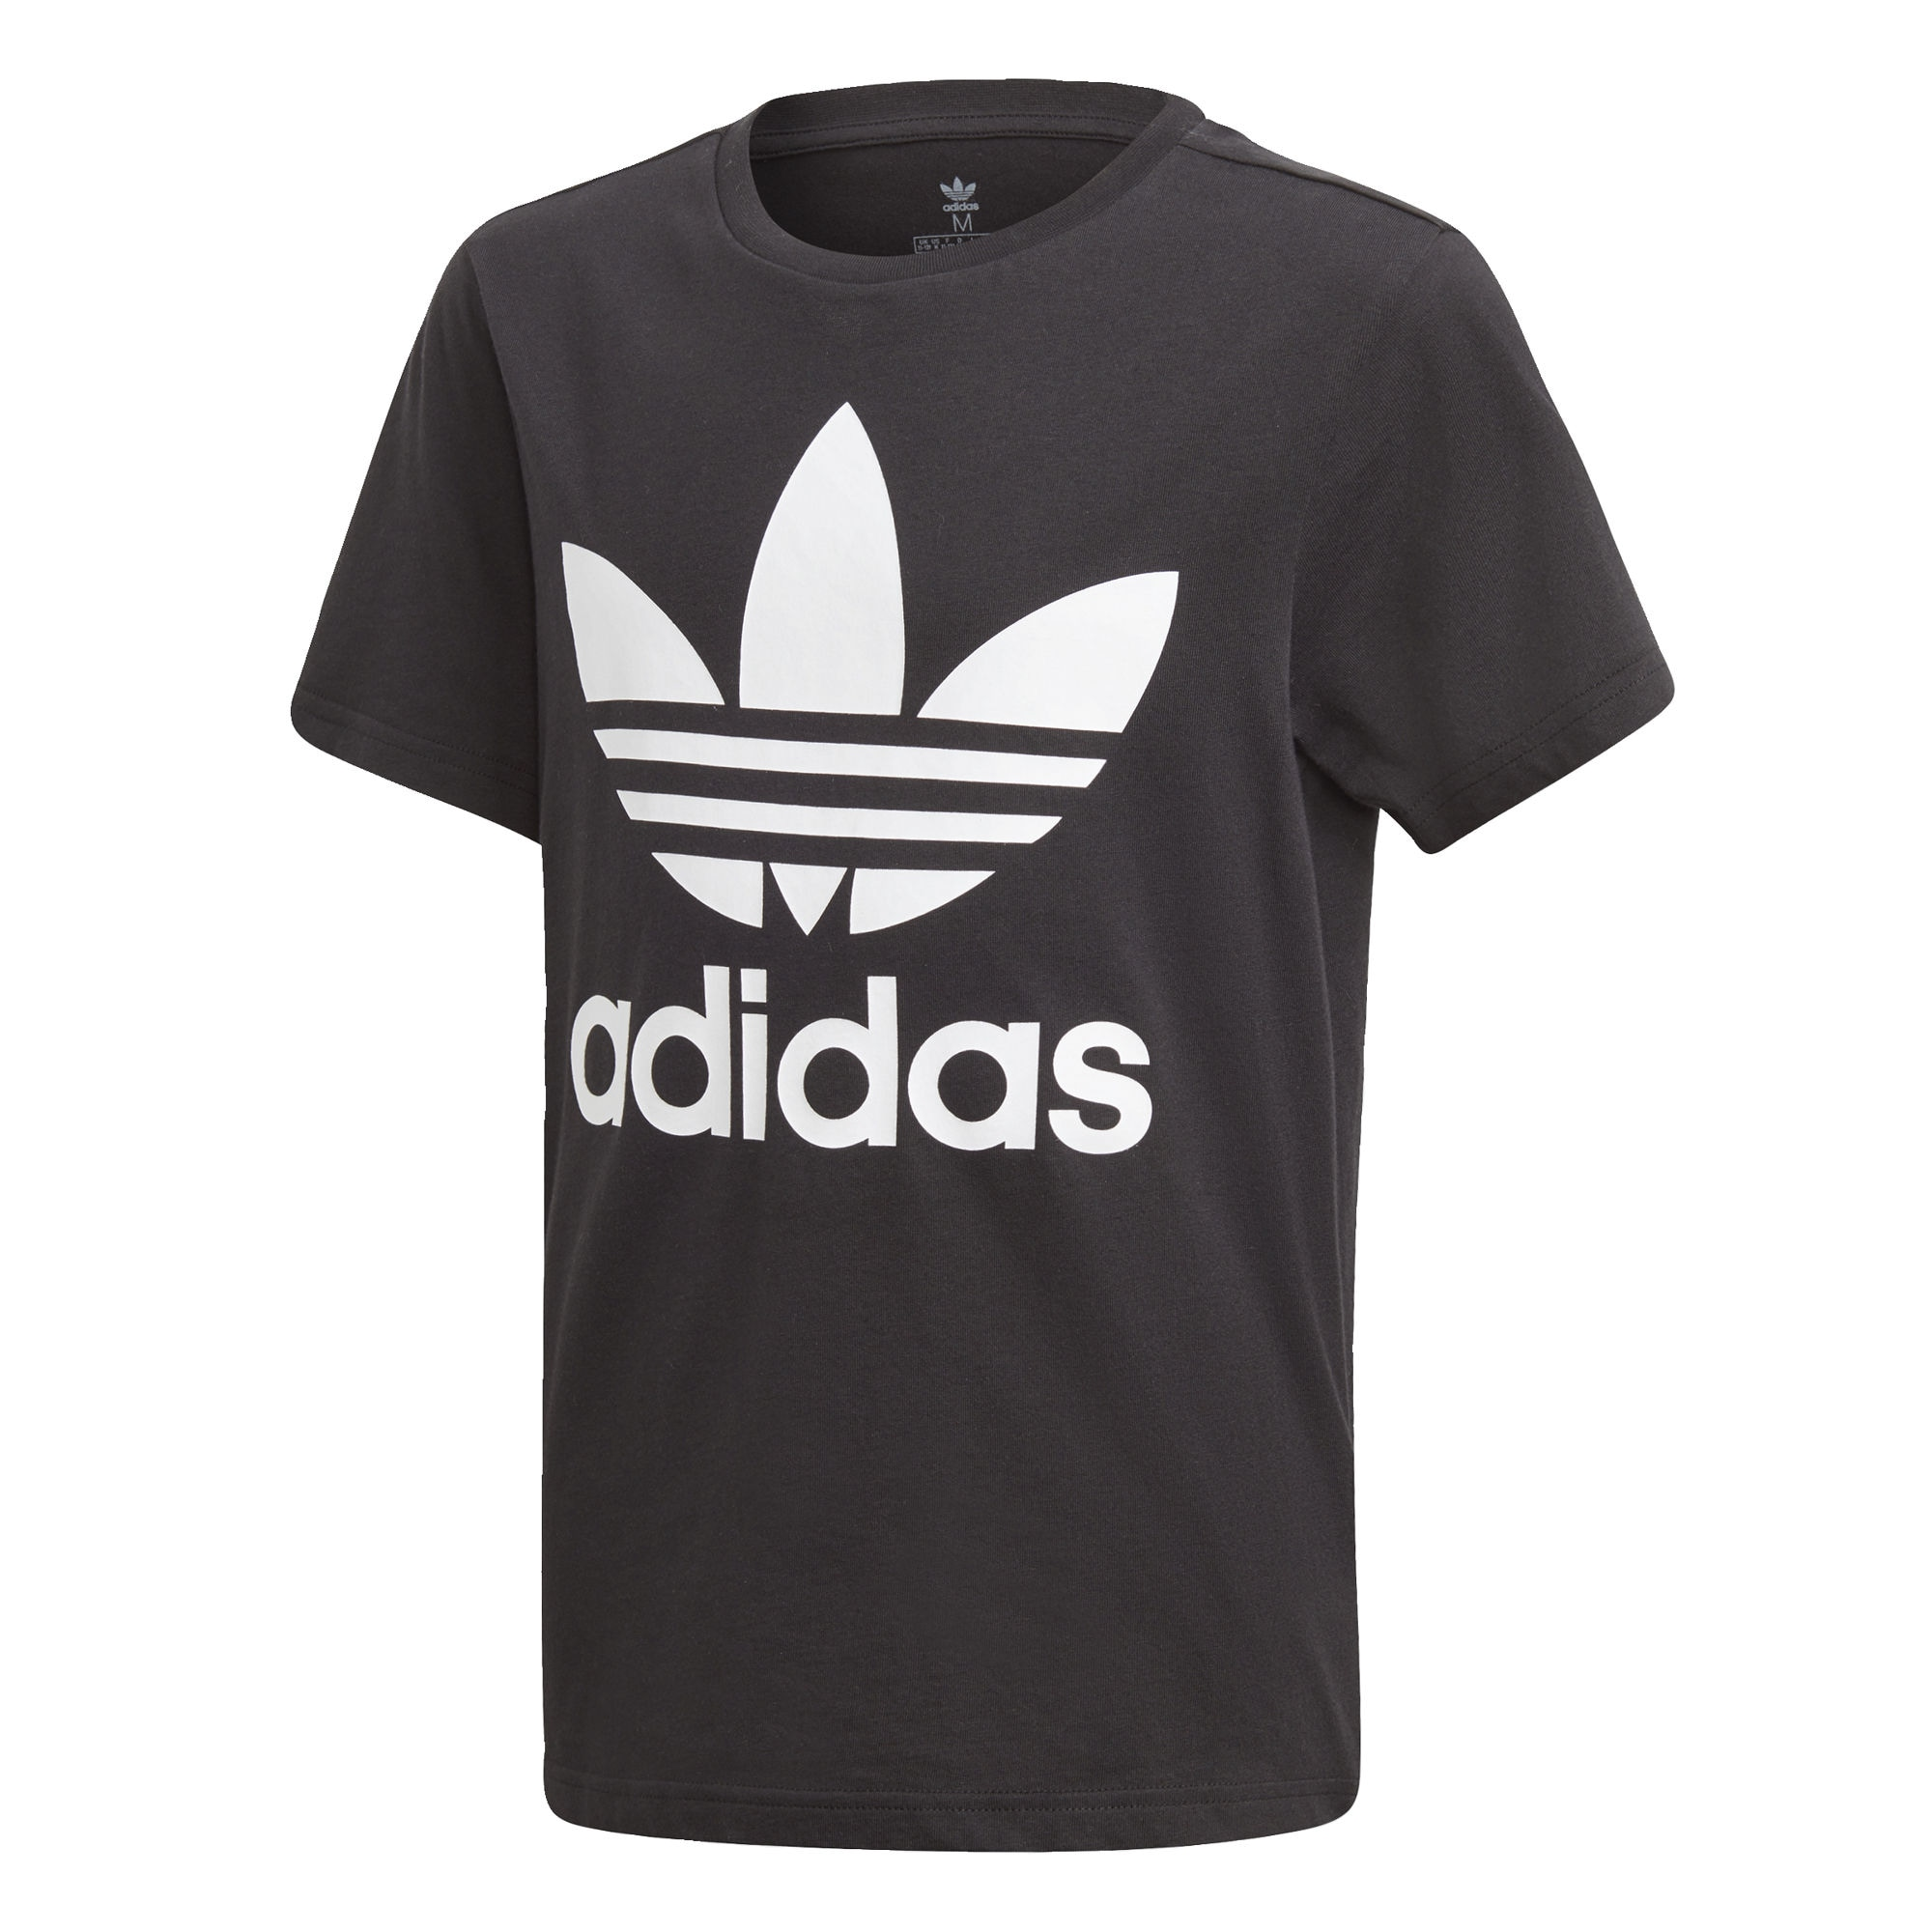 ADIDAS ORIGINALS Marškinėliai 'Trefoil' juoda / balta